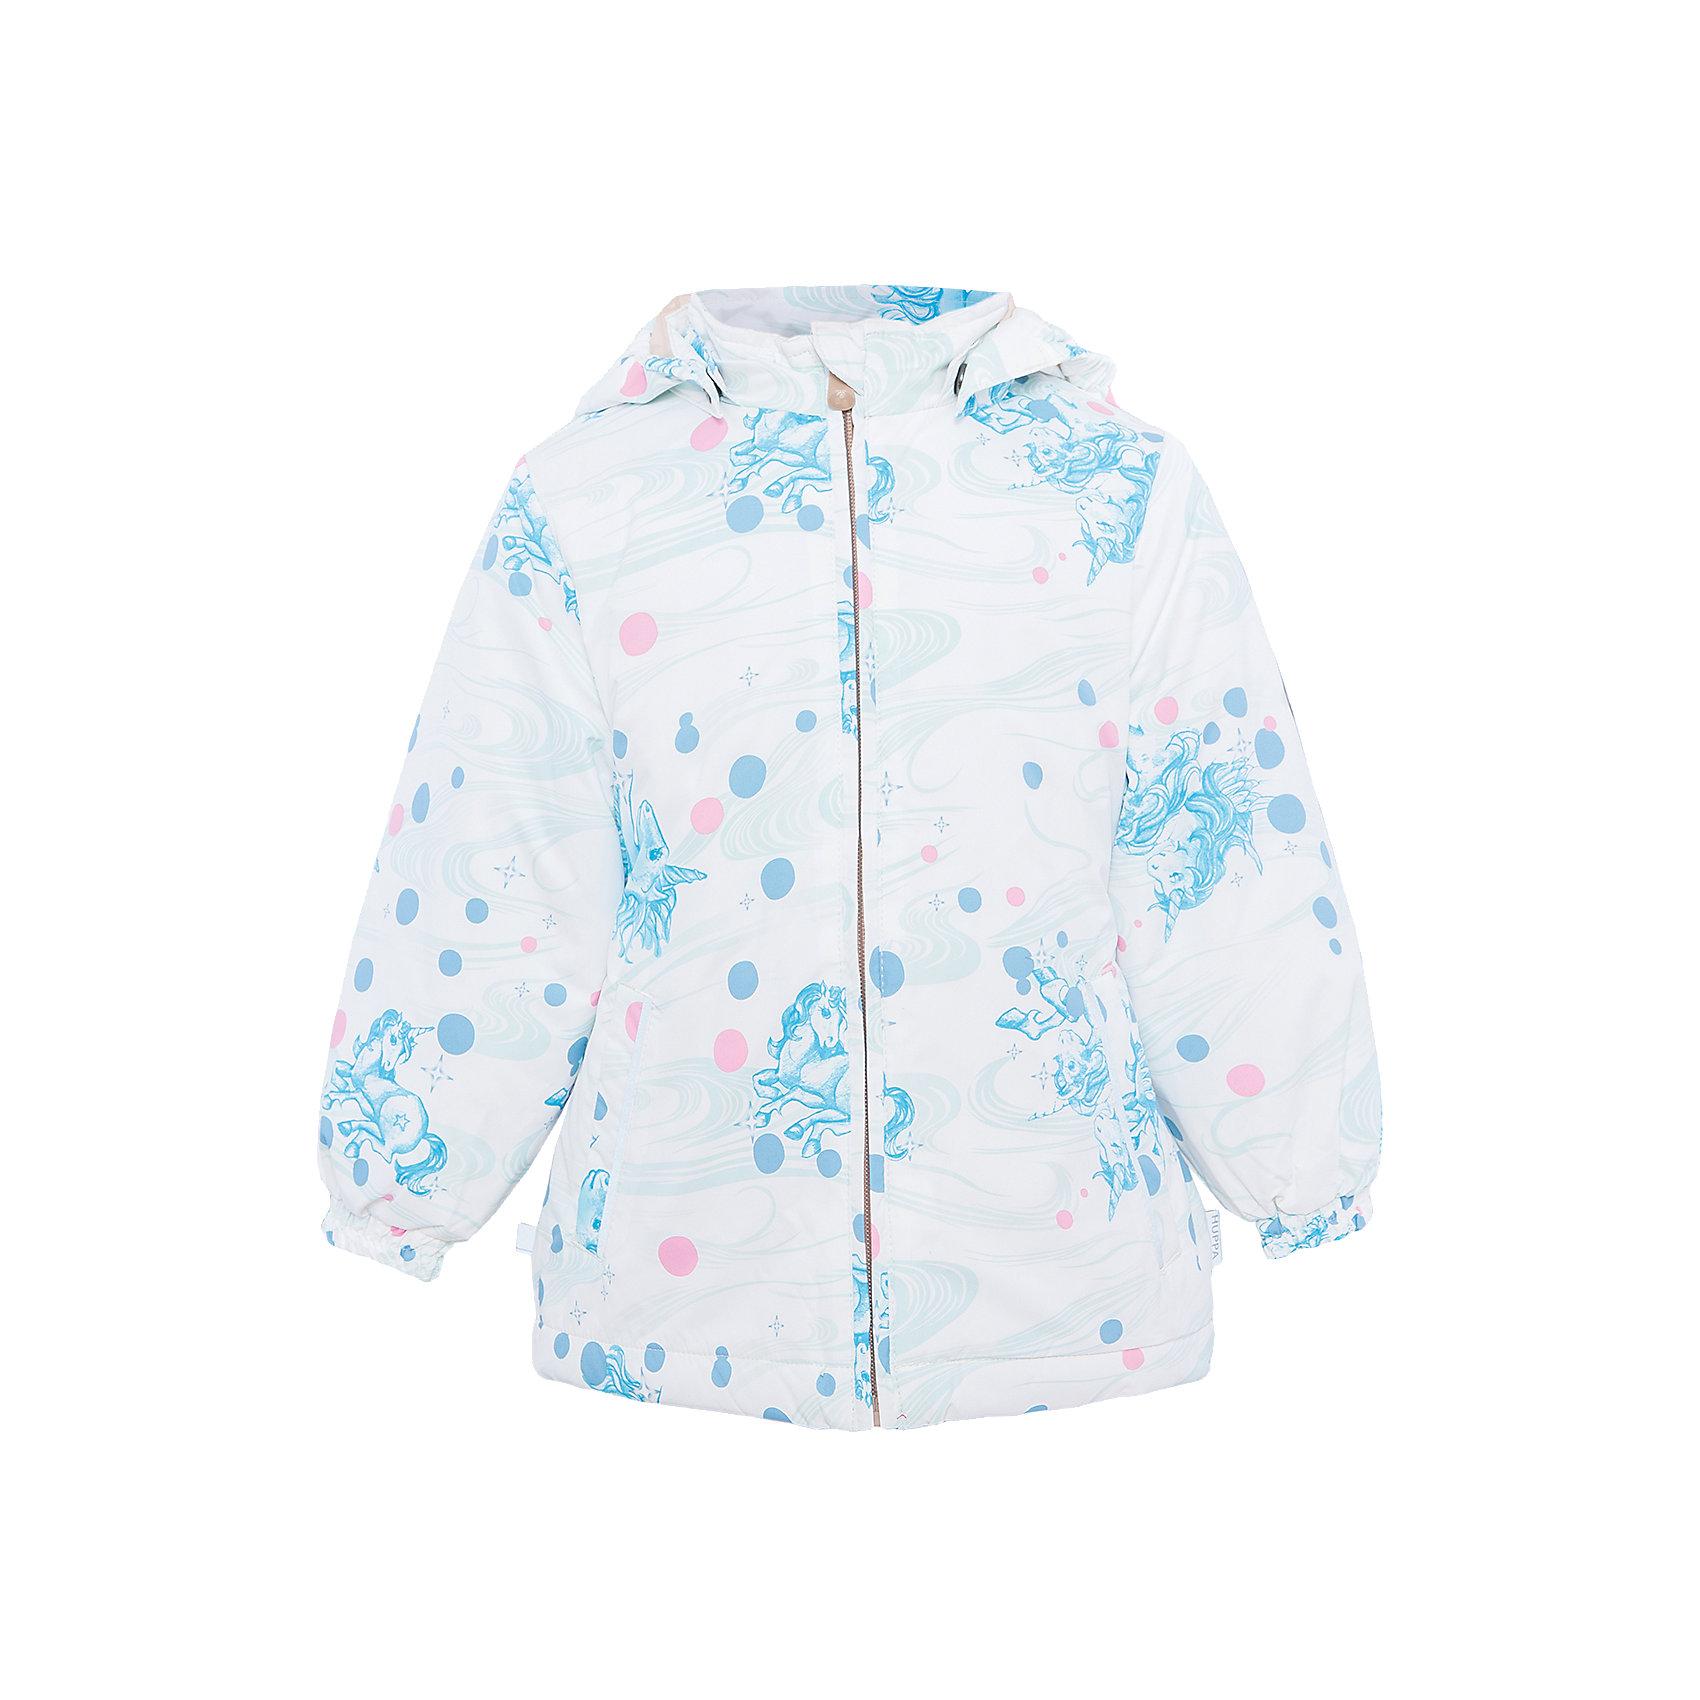 Куртка для девочки JOLY HuppaДемисезонные куртки<br>Характеристики товара:<br><br>• цвет: белый принт<br>• ткань: 100% полиэстер<br>• подкладка: тафта - 100% полиэстер<br>• утеплитель: 100% полиэстер 100 г<br>• температурный режим: от -5°С до +10°С<br>• водонепроницаемость: 5000 мм<br>• воздухопроницаемость: 5000 мм<br>• светоотражающие детали<br>• эластичные манжеты<br>• молния<br>• съёмный капюшон с резинкой<br>• карманы<br>• комфортная посадка<br>• коллекция: весна-лето 2017<br>• страна бренда: Эстония<br><br>Такая легкая и стильная куртка обеспечит детям тепло и комфорт. Она сделана из материала, отталкивающего воду, и дополнено подкладкой с утеплителем, поэтому изделие идеально подходит для межсезонья. Материал изделия - с мембранной технологией: защищая от влаги и ветра, он легко выводит лишнюю влагу наружу. Для удобства сделан капюшон. Куртка очень симпатично смотрится, яркая расцветка и крой добавляют ему оригинальности. Модель была разработана специально для детей.<br><br>Одежда и обувь от популярного эстонского бренда Huppa - отличный вариант одеть ребенка можно и комфортно. Вещи, выпускаемые компанией, качественные, продуманные и очень удобные. Для производства изделий используются только безопасные для детей материалы. Продукция от Huppa порадует и детей, и их родителей!<br><br>Куртку для девочки JOLY от бренда Huppa (Хуппа) можно купить в нашем интернет-магазине.<br><br>Ширина мм: 356<br>Глубина мм: 10<br>Высота мм: 245<br>Вес г: 519<br>Цвет: белый<br>Возраст от месяцев: 96<br>Возраст до месяцев: 108<br>Пол: Женский<br>Возраст: Детский<br>Размер: 134,92,98,104,110,116,122,128<br>SKU: 5346802